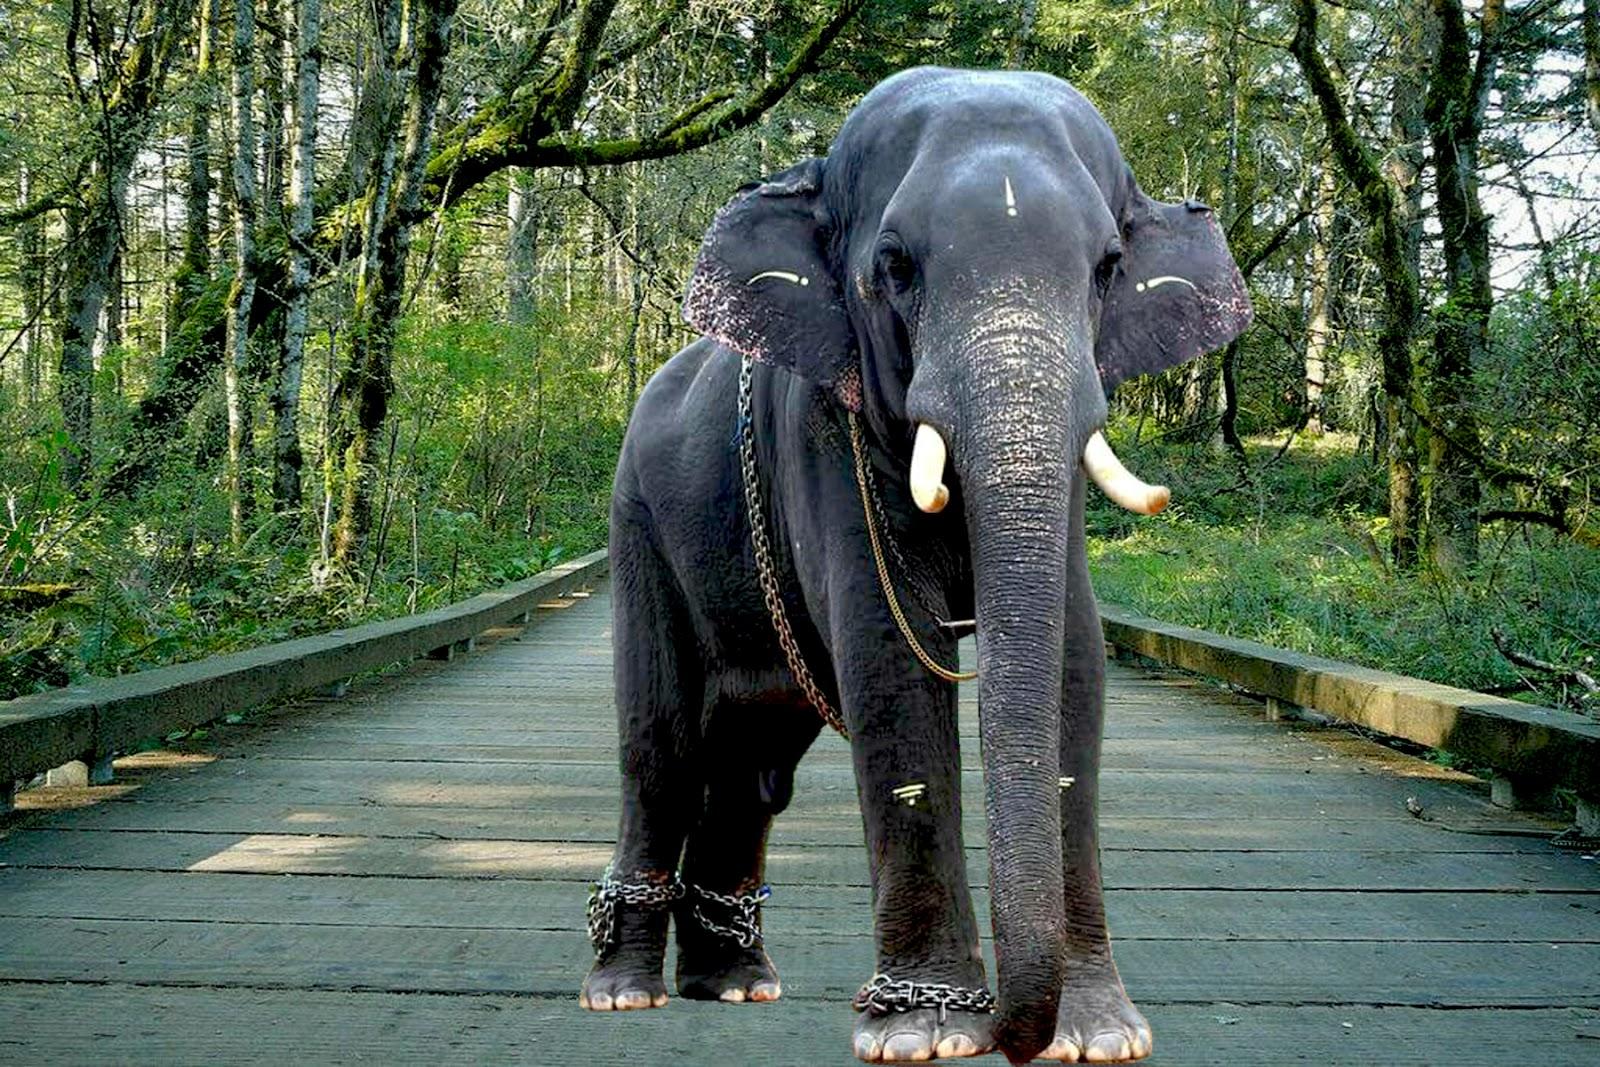 Kerala Elephants Images | Kerala elephants wallpapers HD ...